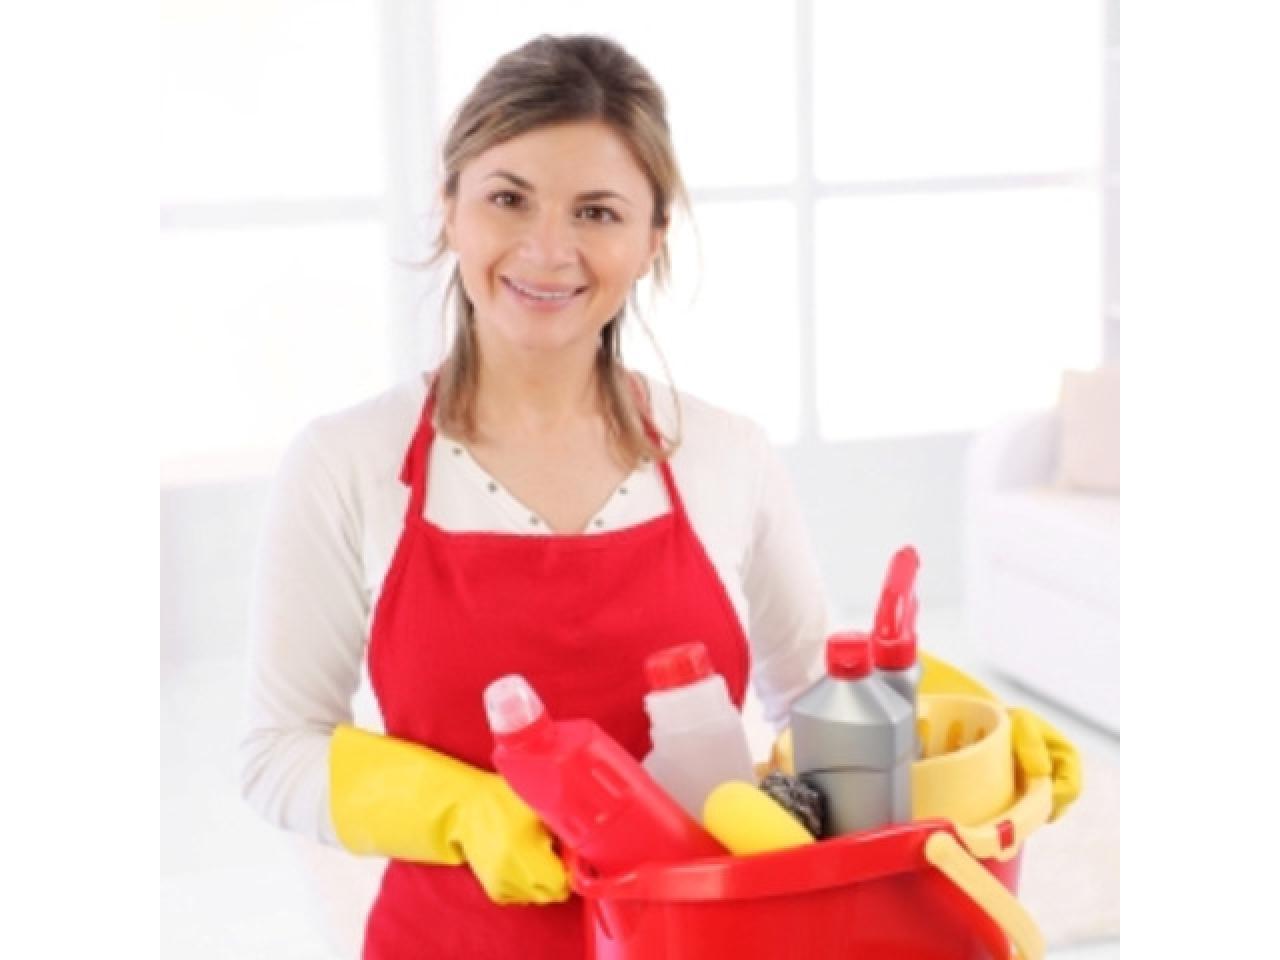 Ищем ВИП домработницу в Англию. от 500 фунтов в неделю - 1